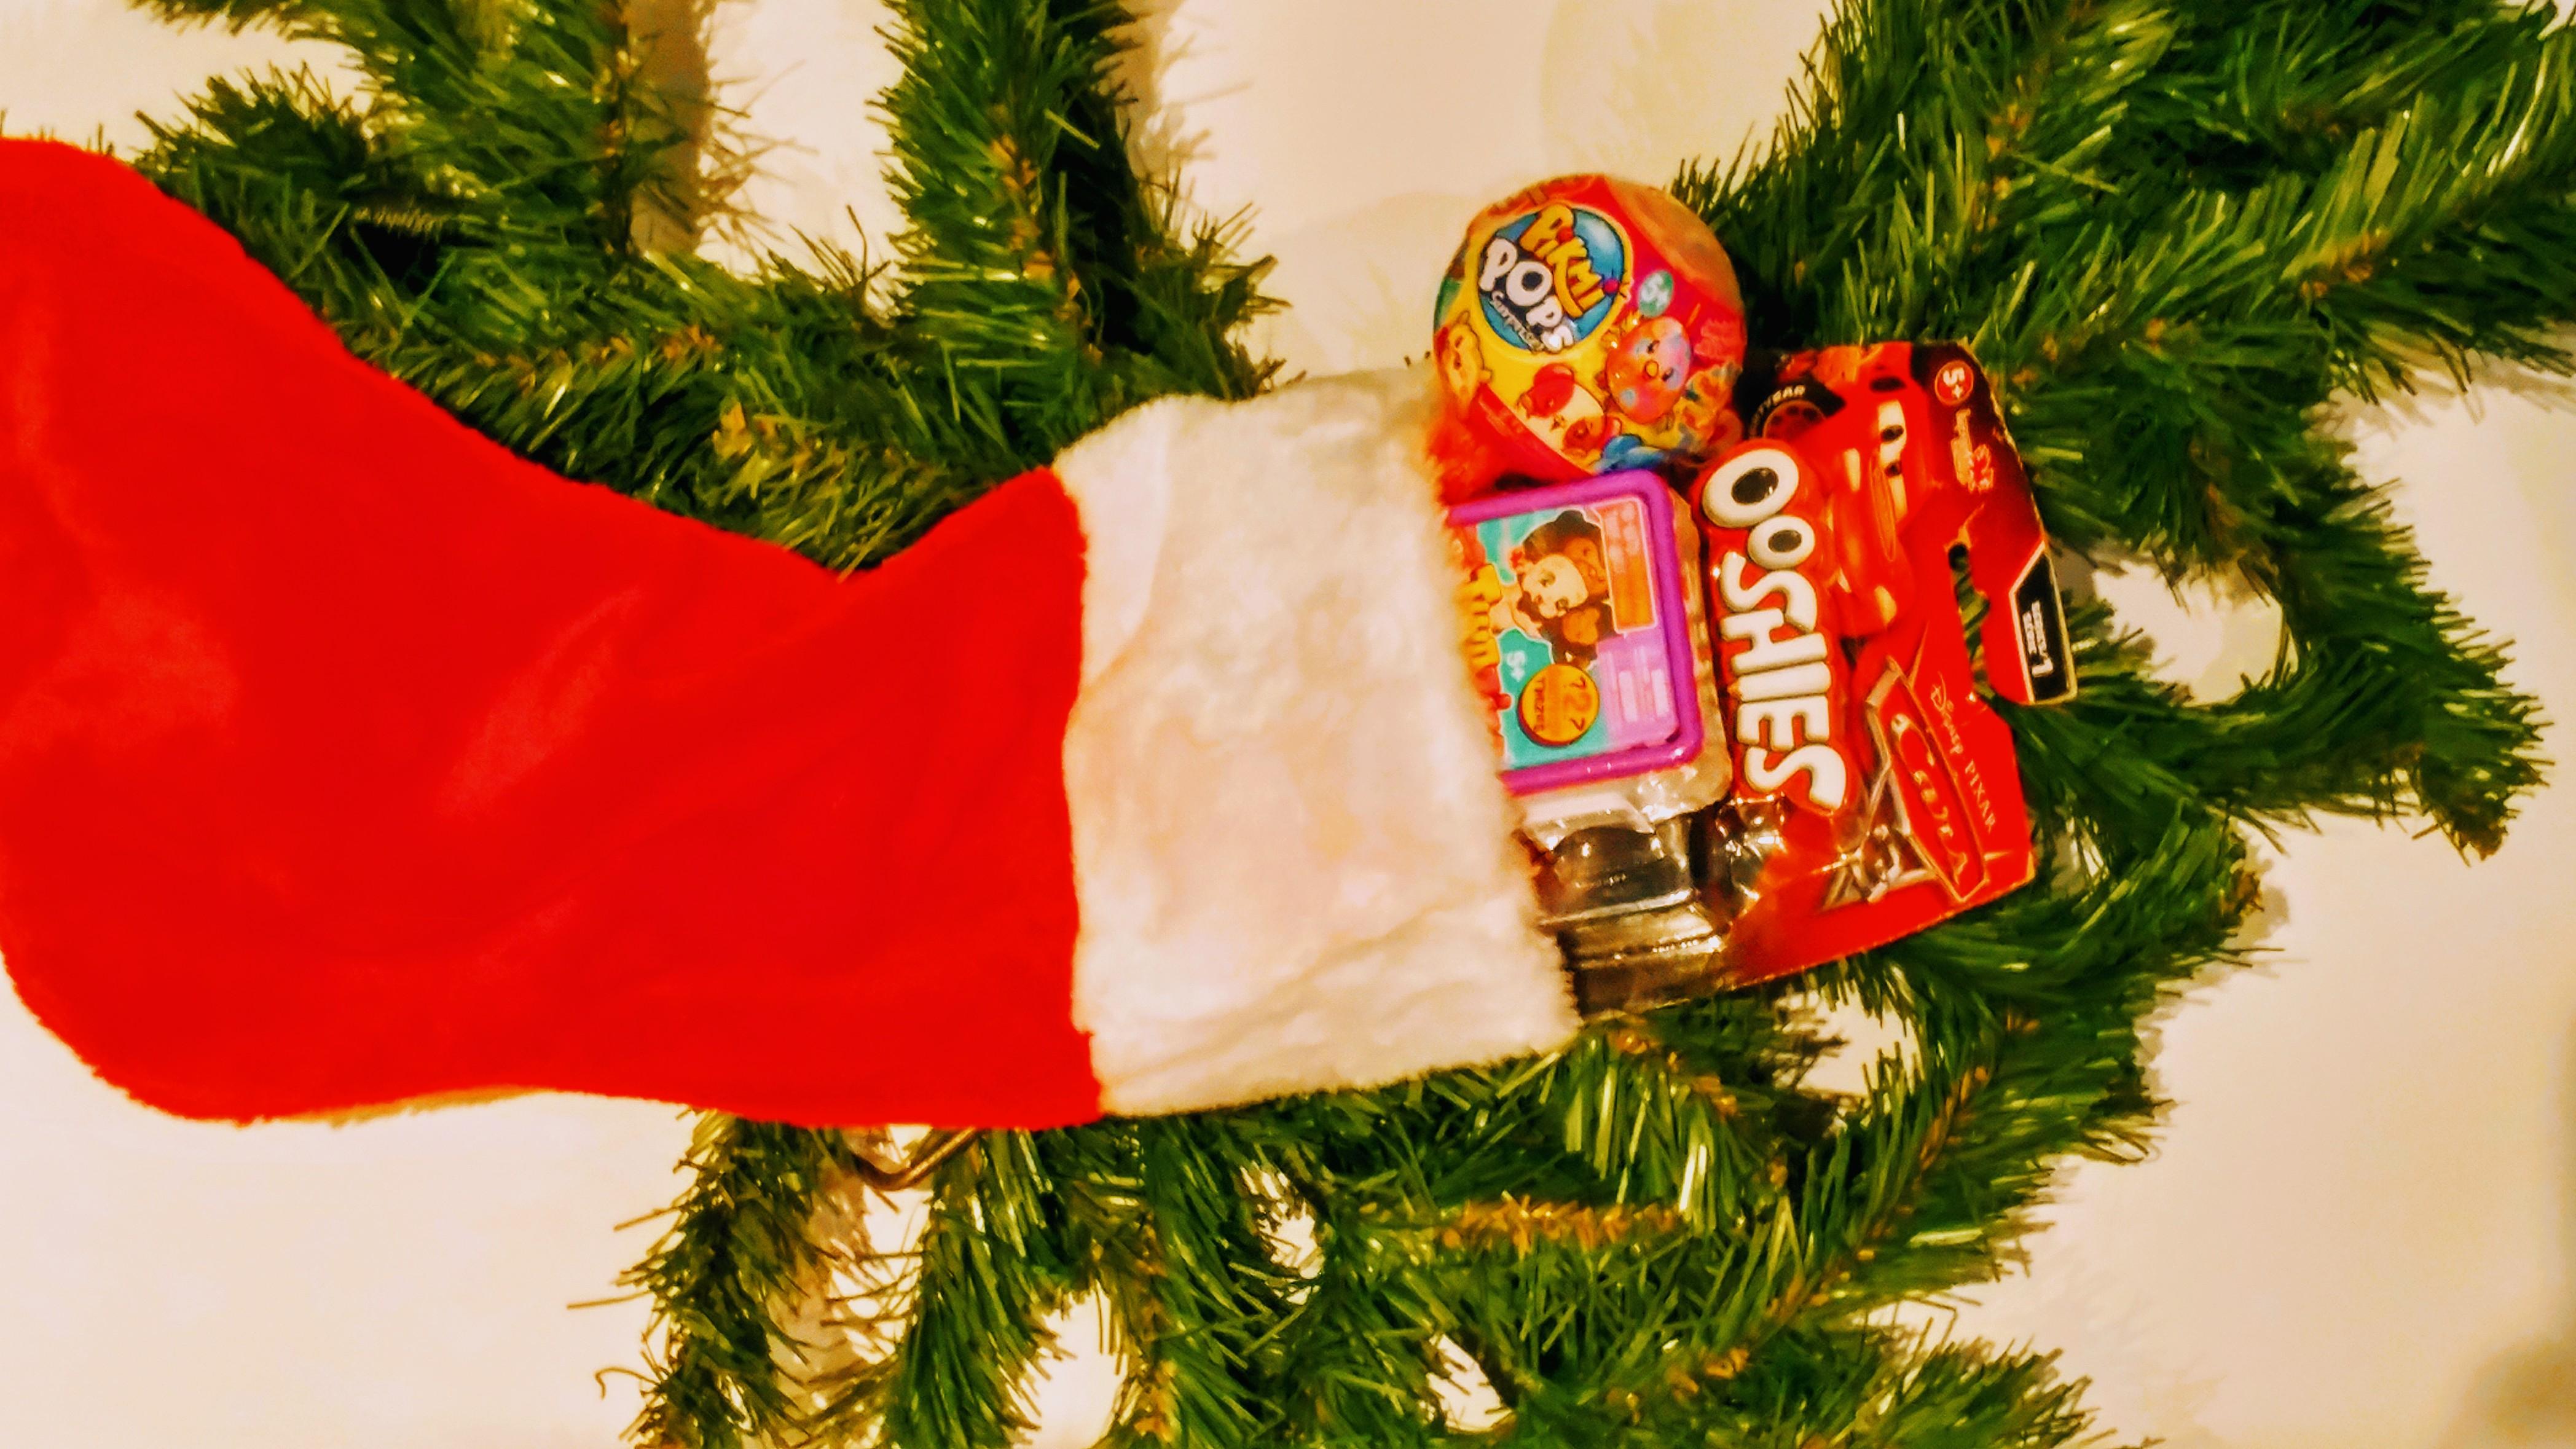 stocking stuffer ideas for kids daddy realness